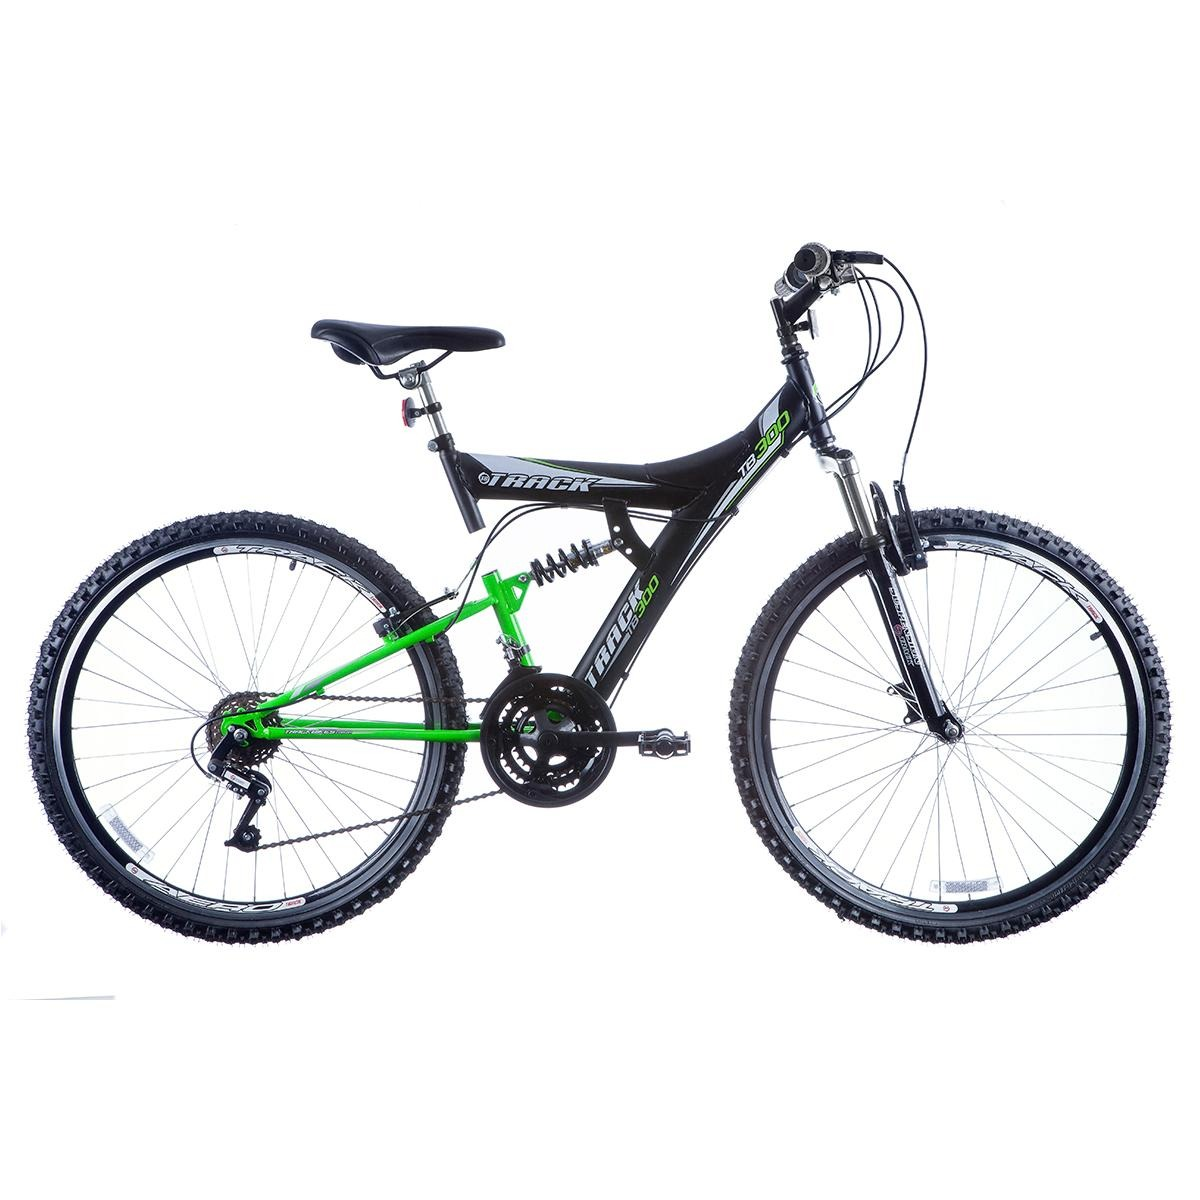 81b2ba451 Bicicleta Aro 26 Tb 300 Xs Suspensão Dupla 18v - Track Bikes - R ...